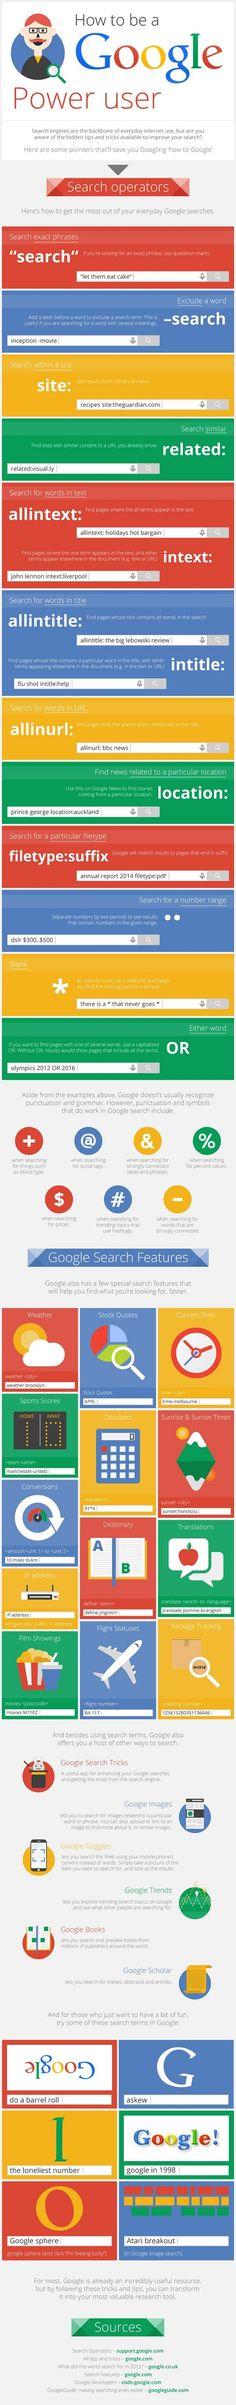 Infographie : plusieurs astuces pour bien utiliser Google Search